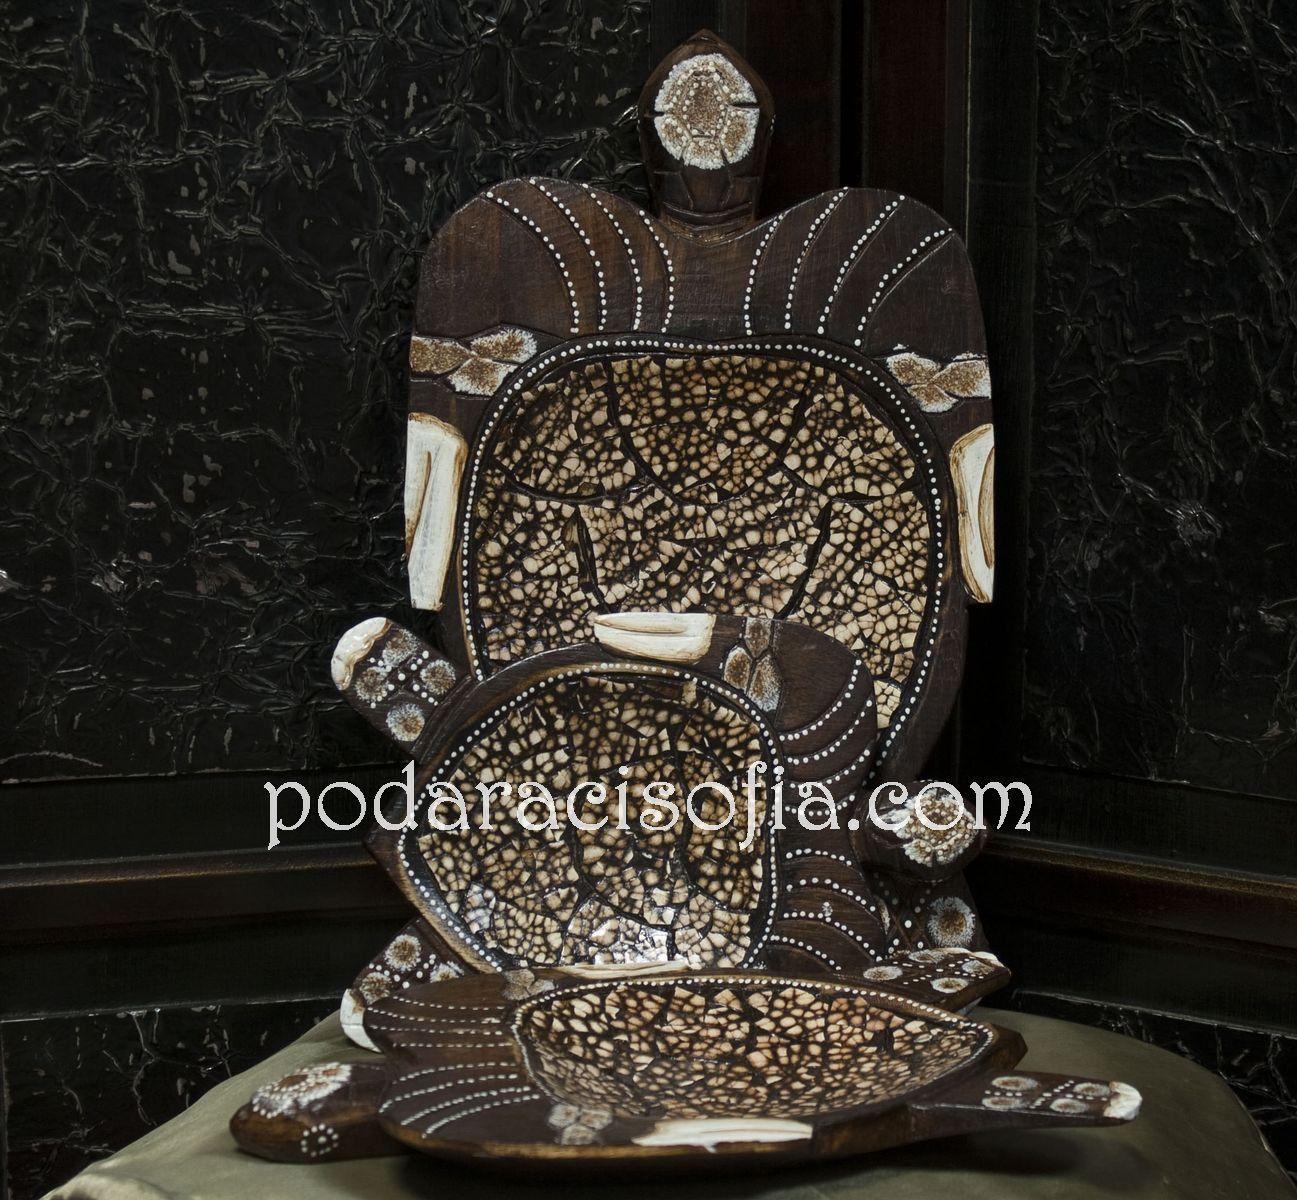 Дурвена фруктиера - костенурка с украса от керамика, подходяща за подарък за жена и екзотична декорация в дома.